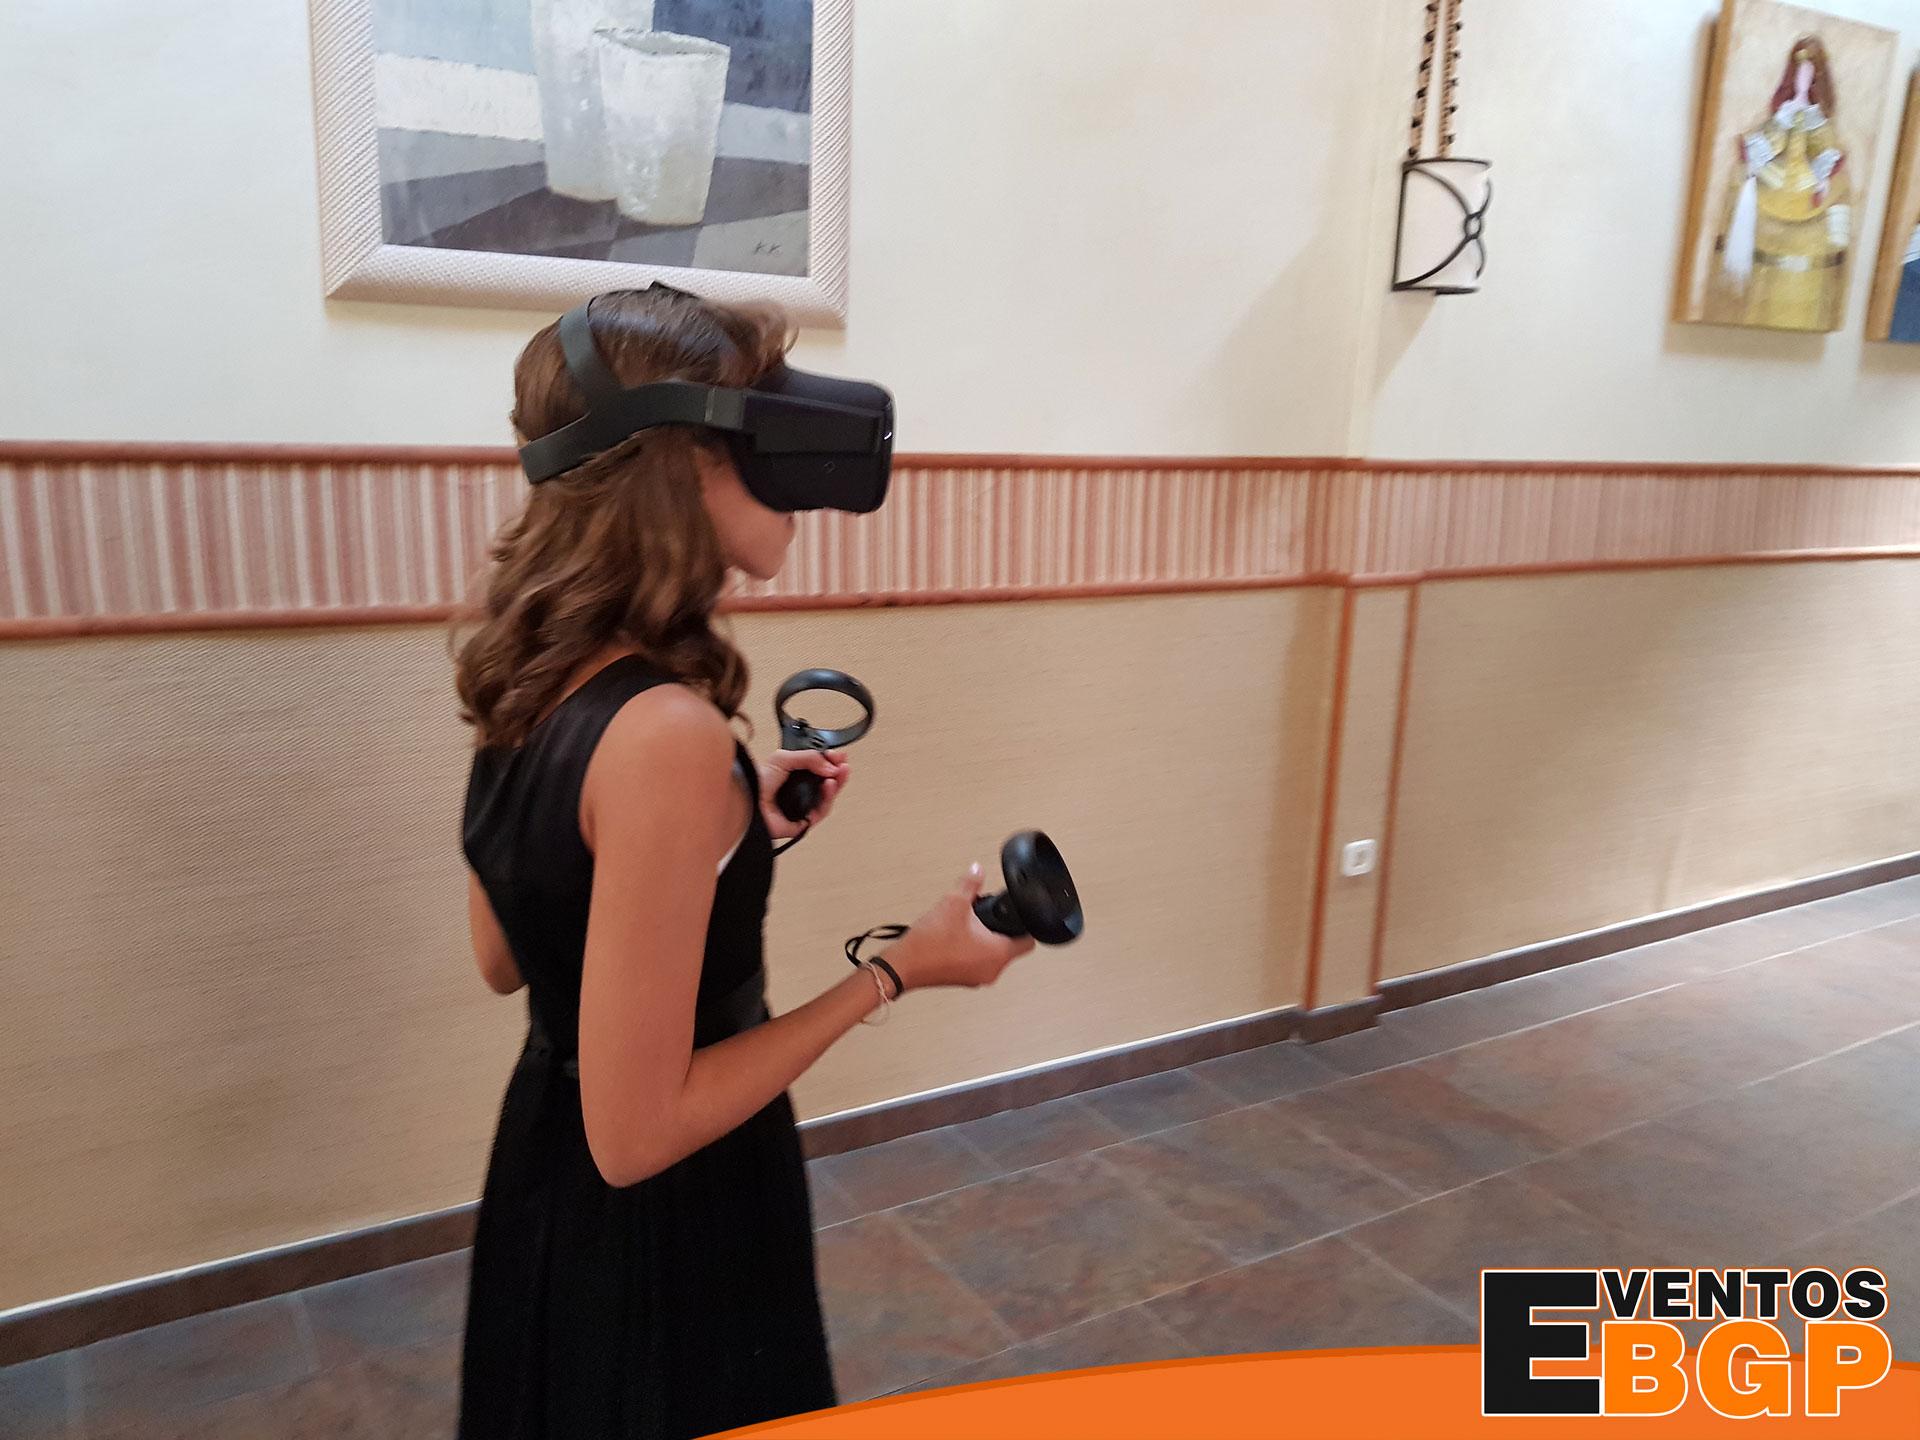 Gafas de realidad virtual con Eventos BGP